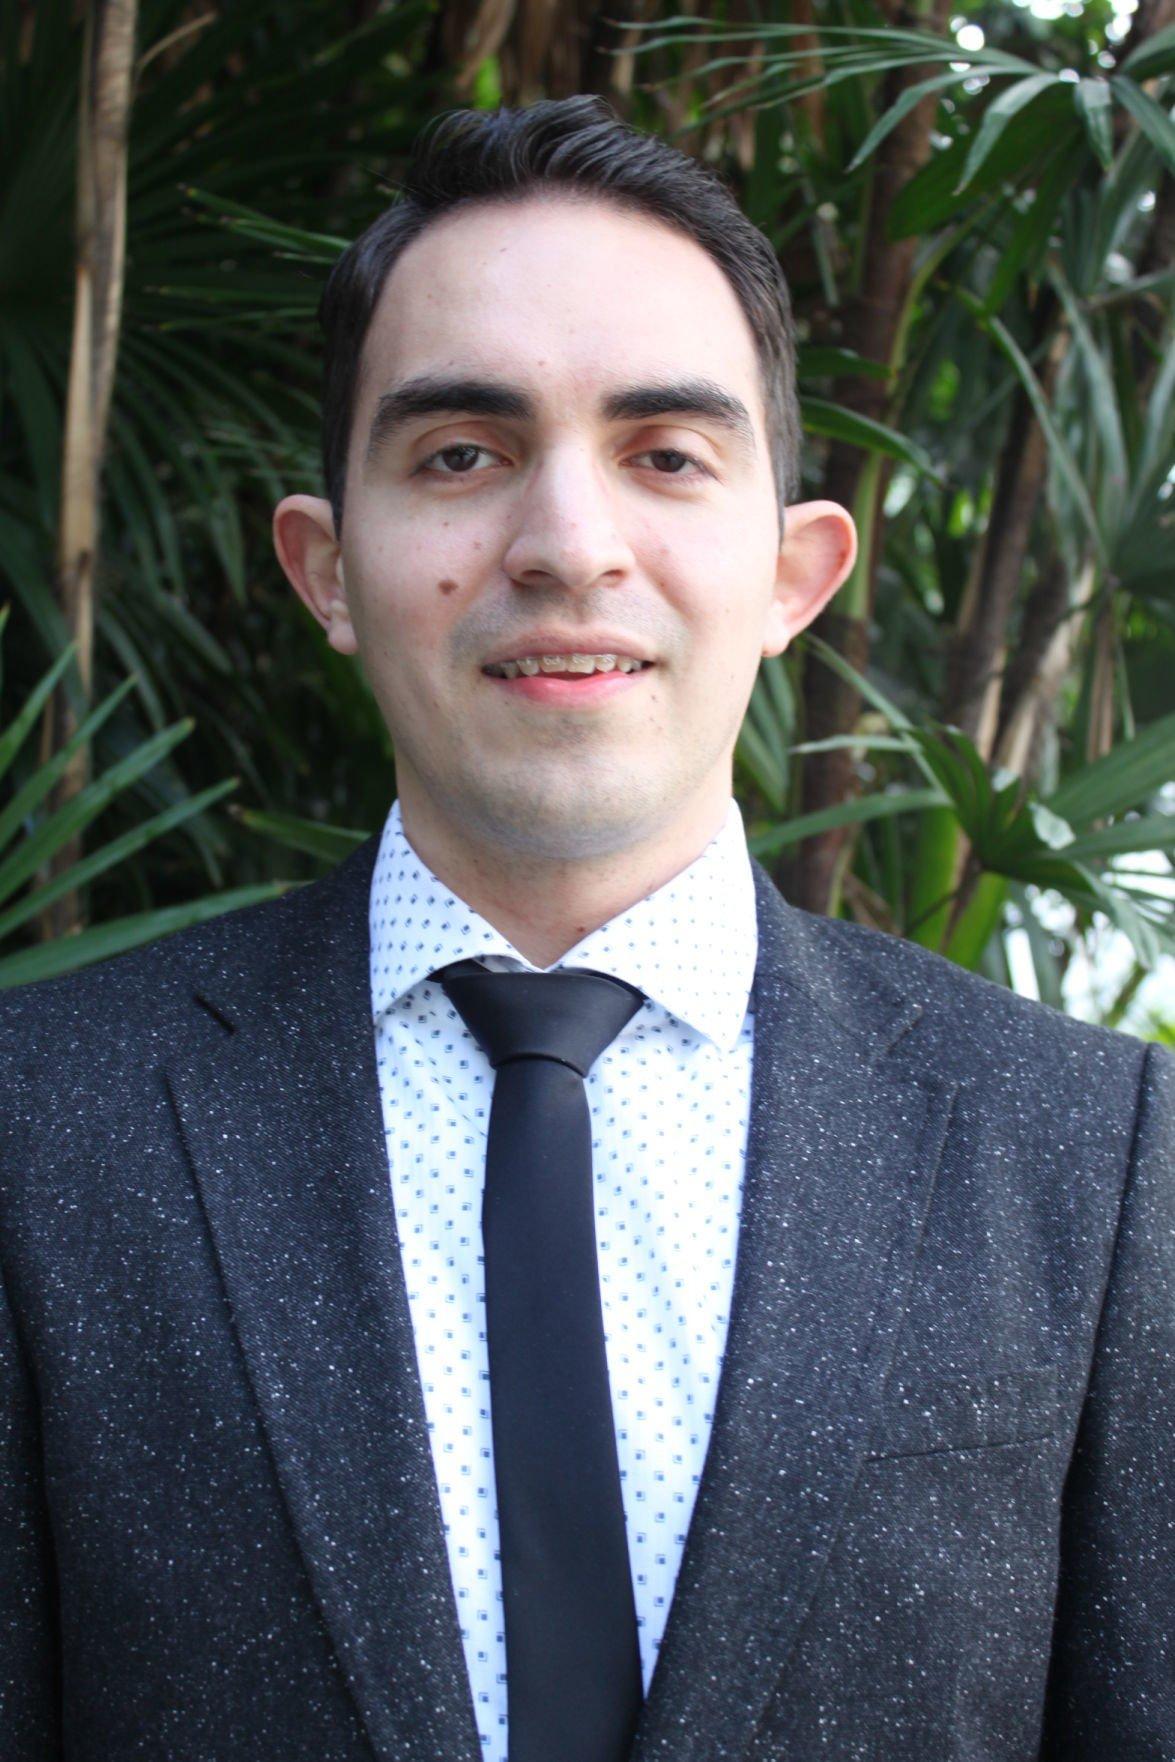 Tony Valadez, Napa city parking manager